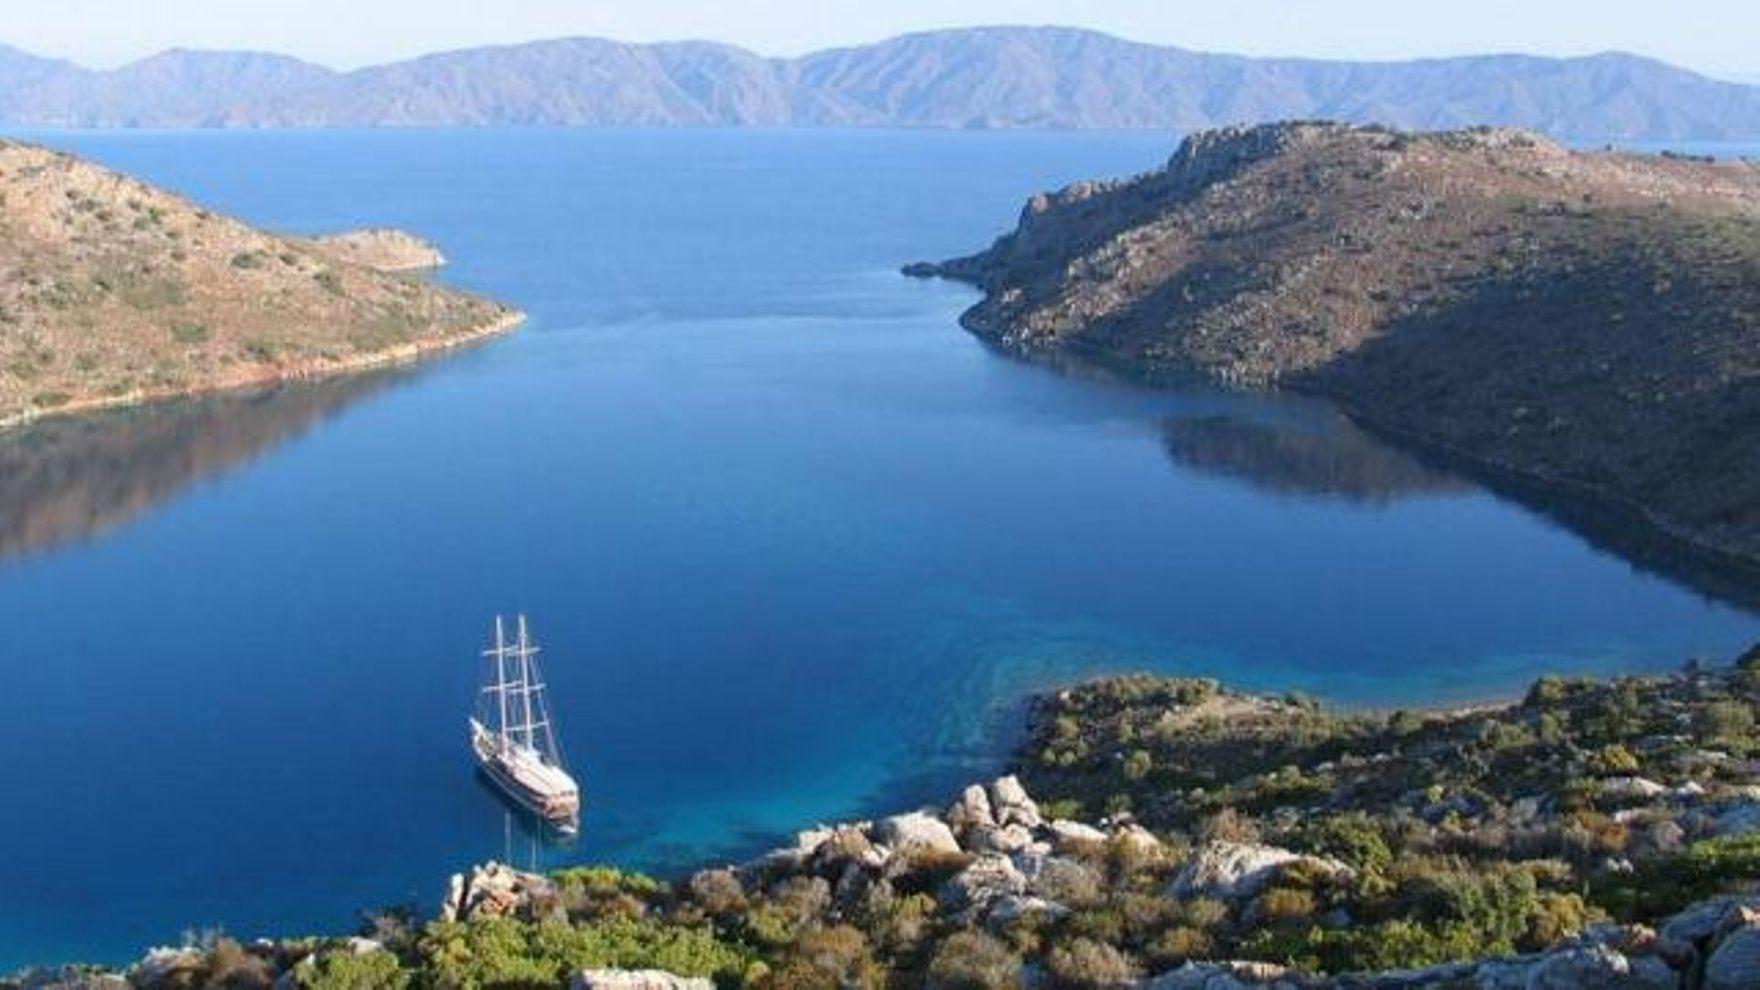 A Turkish cruise